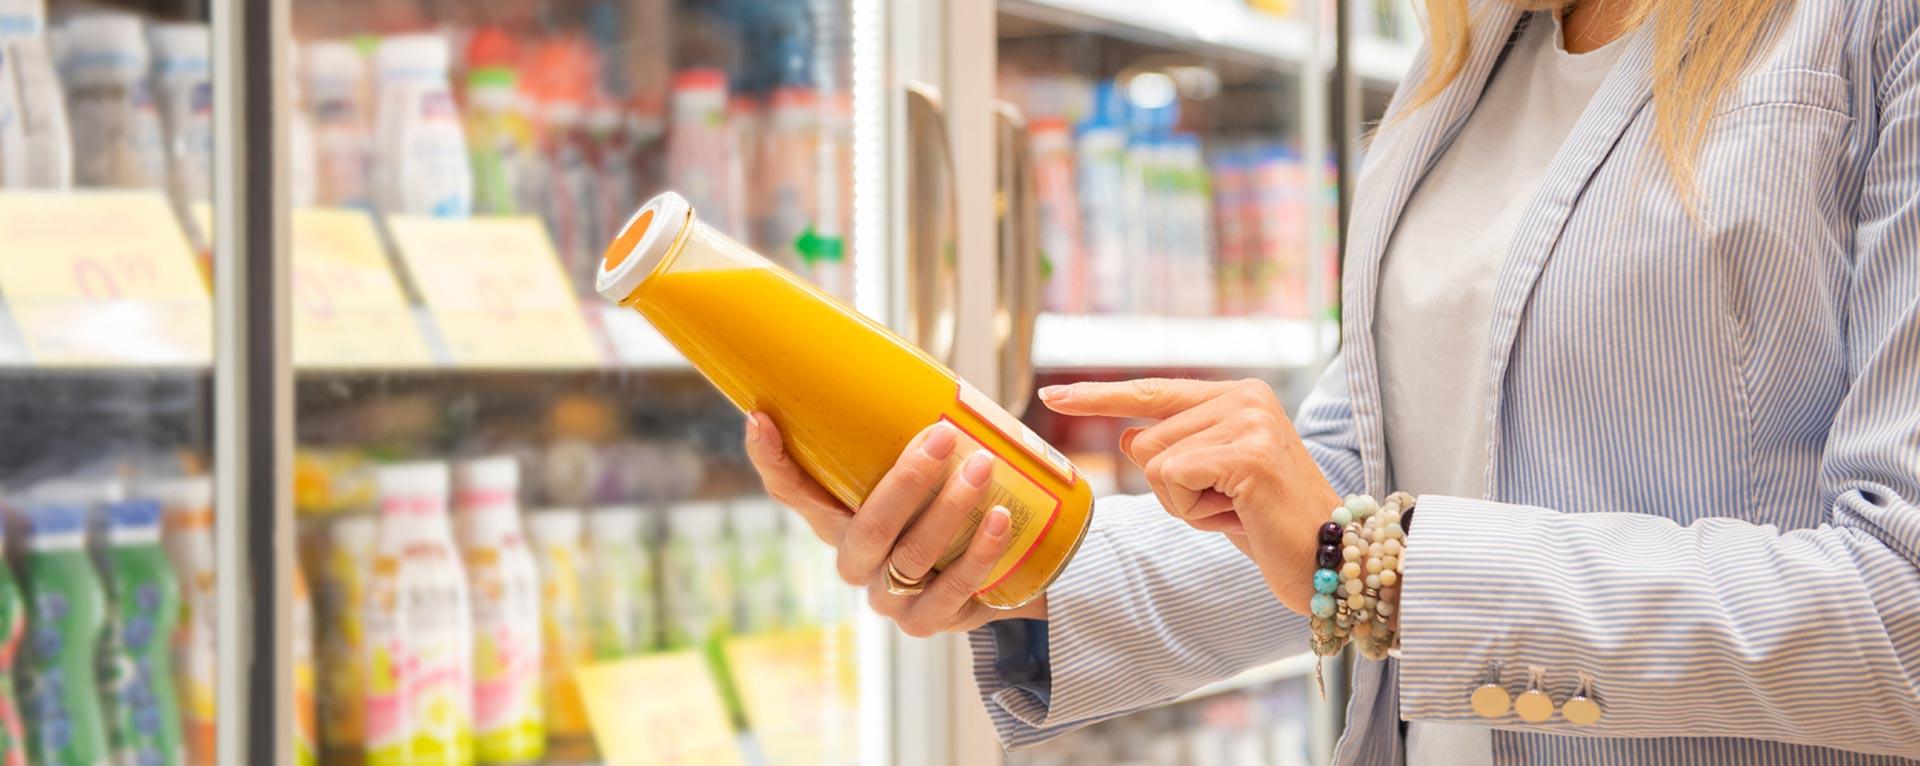 3 declaraciones nutricionales clave para el consumidor actual